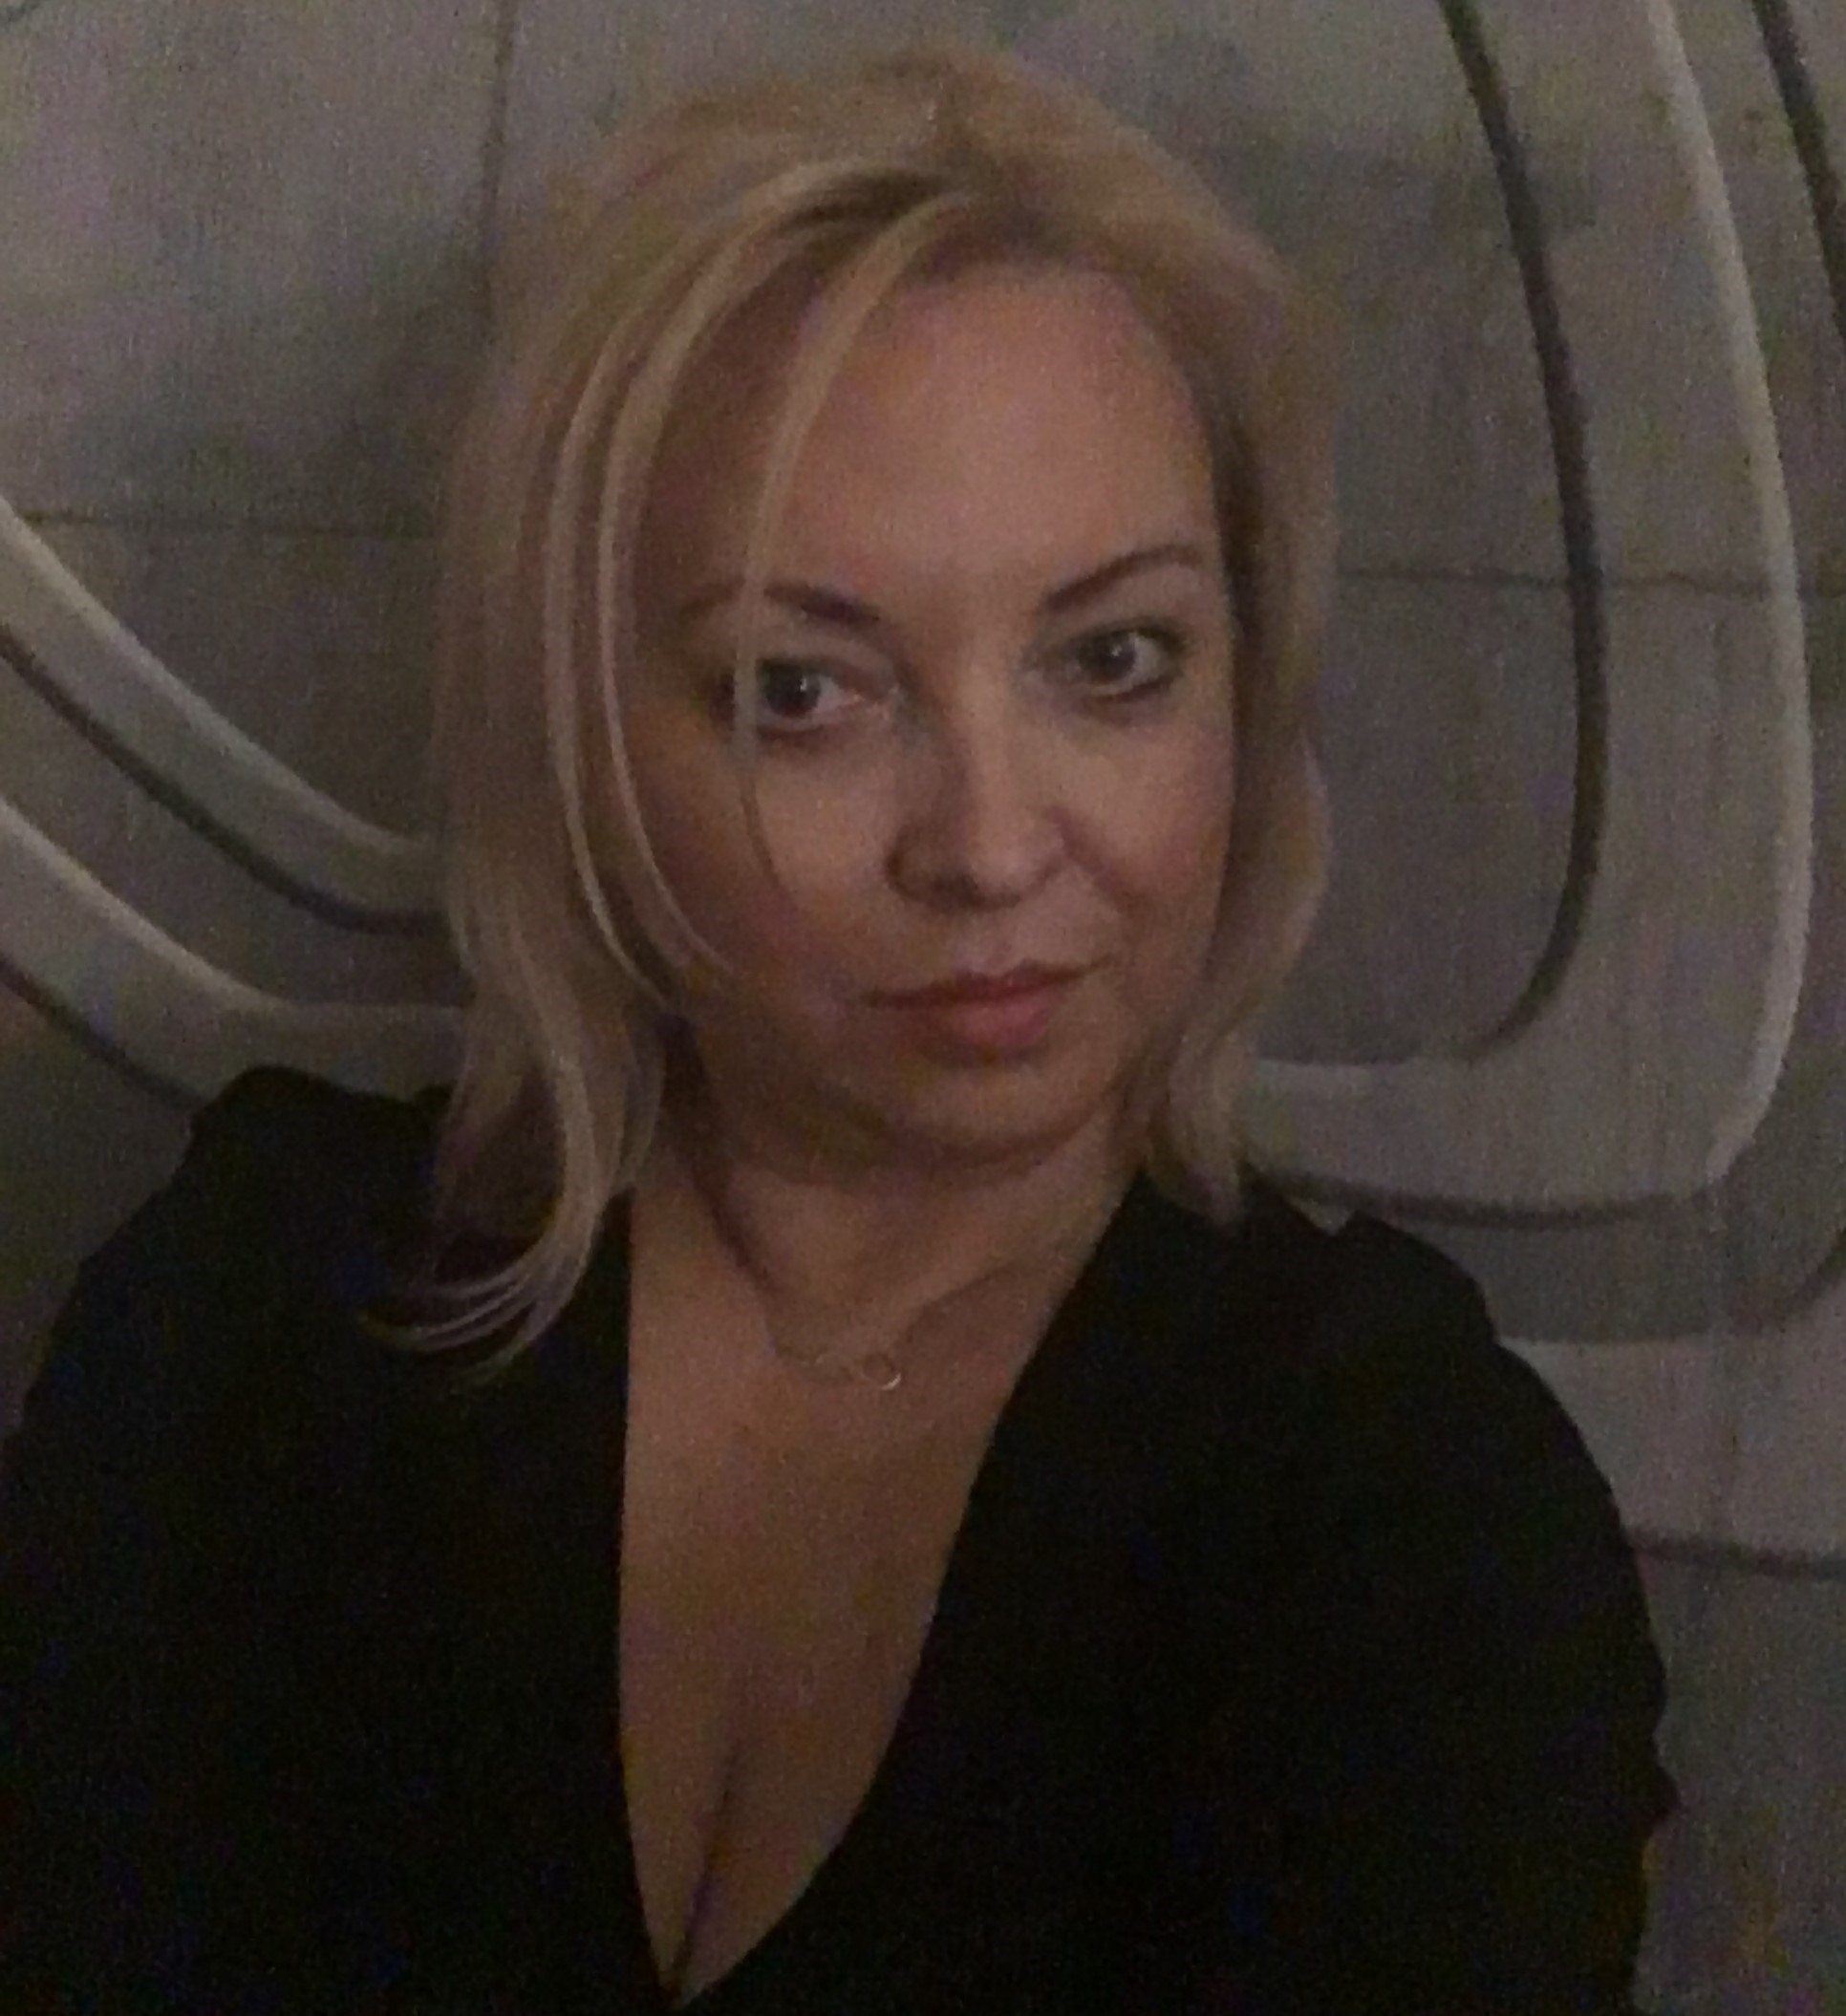 Beata Uliasz